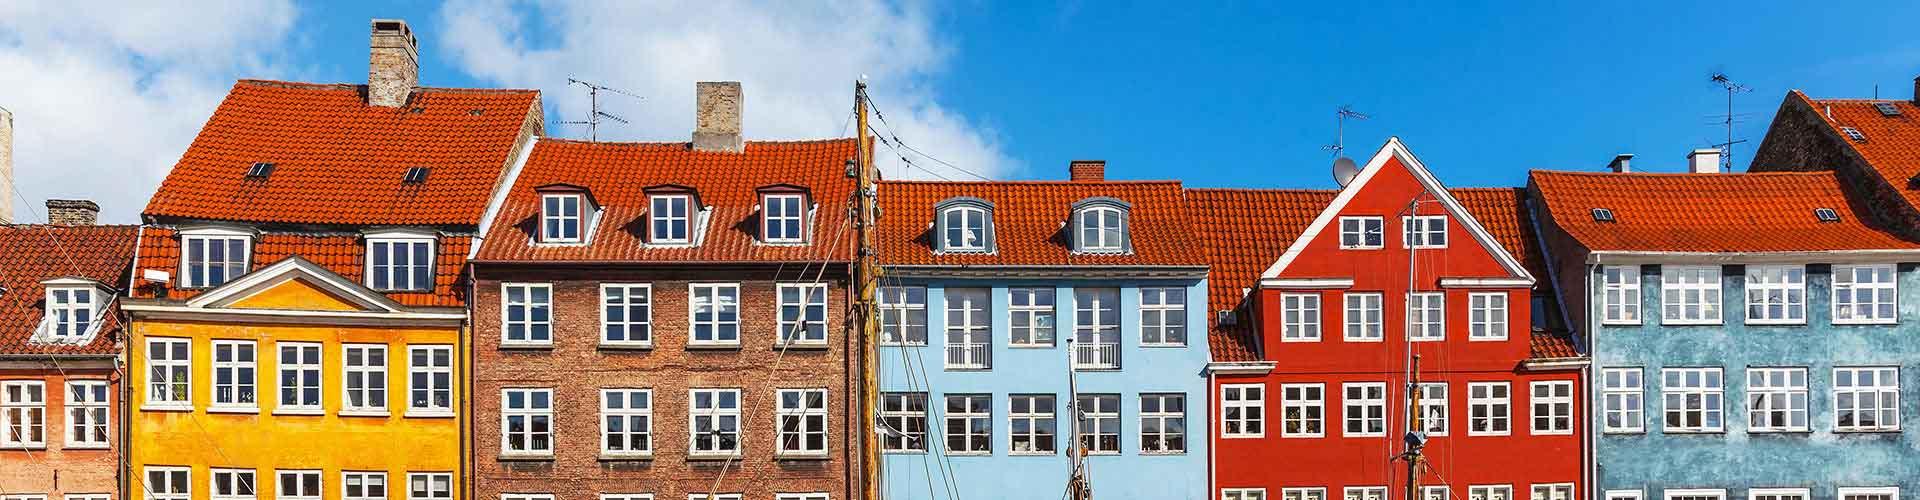 コペンハーゲン – Nørreport地区のユースホステル. 地図 コペンハーゲン, すべてのユースホステルの写真とレビュー コペンハーゲン.